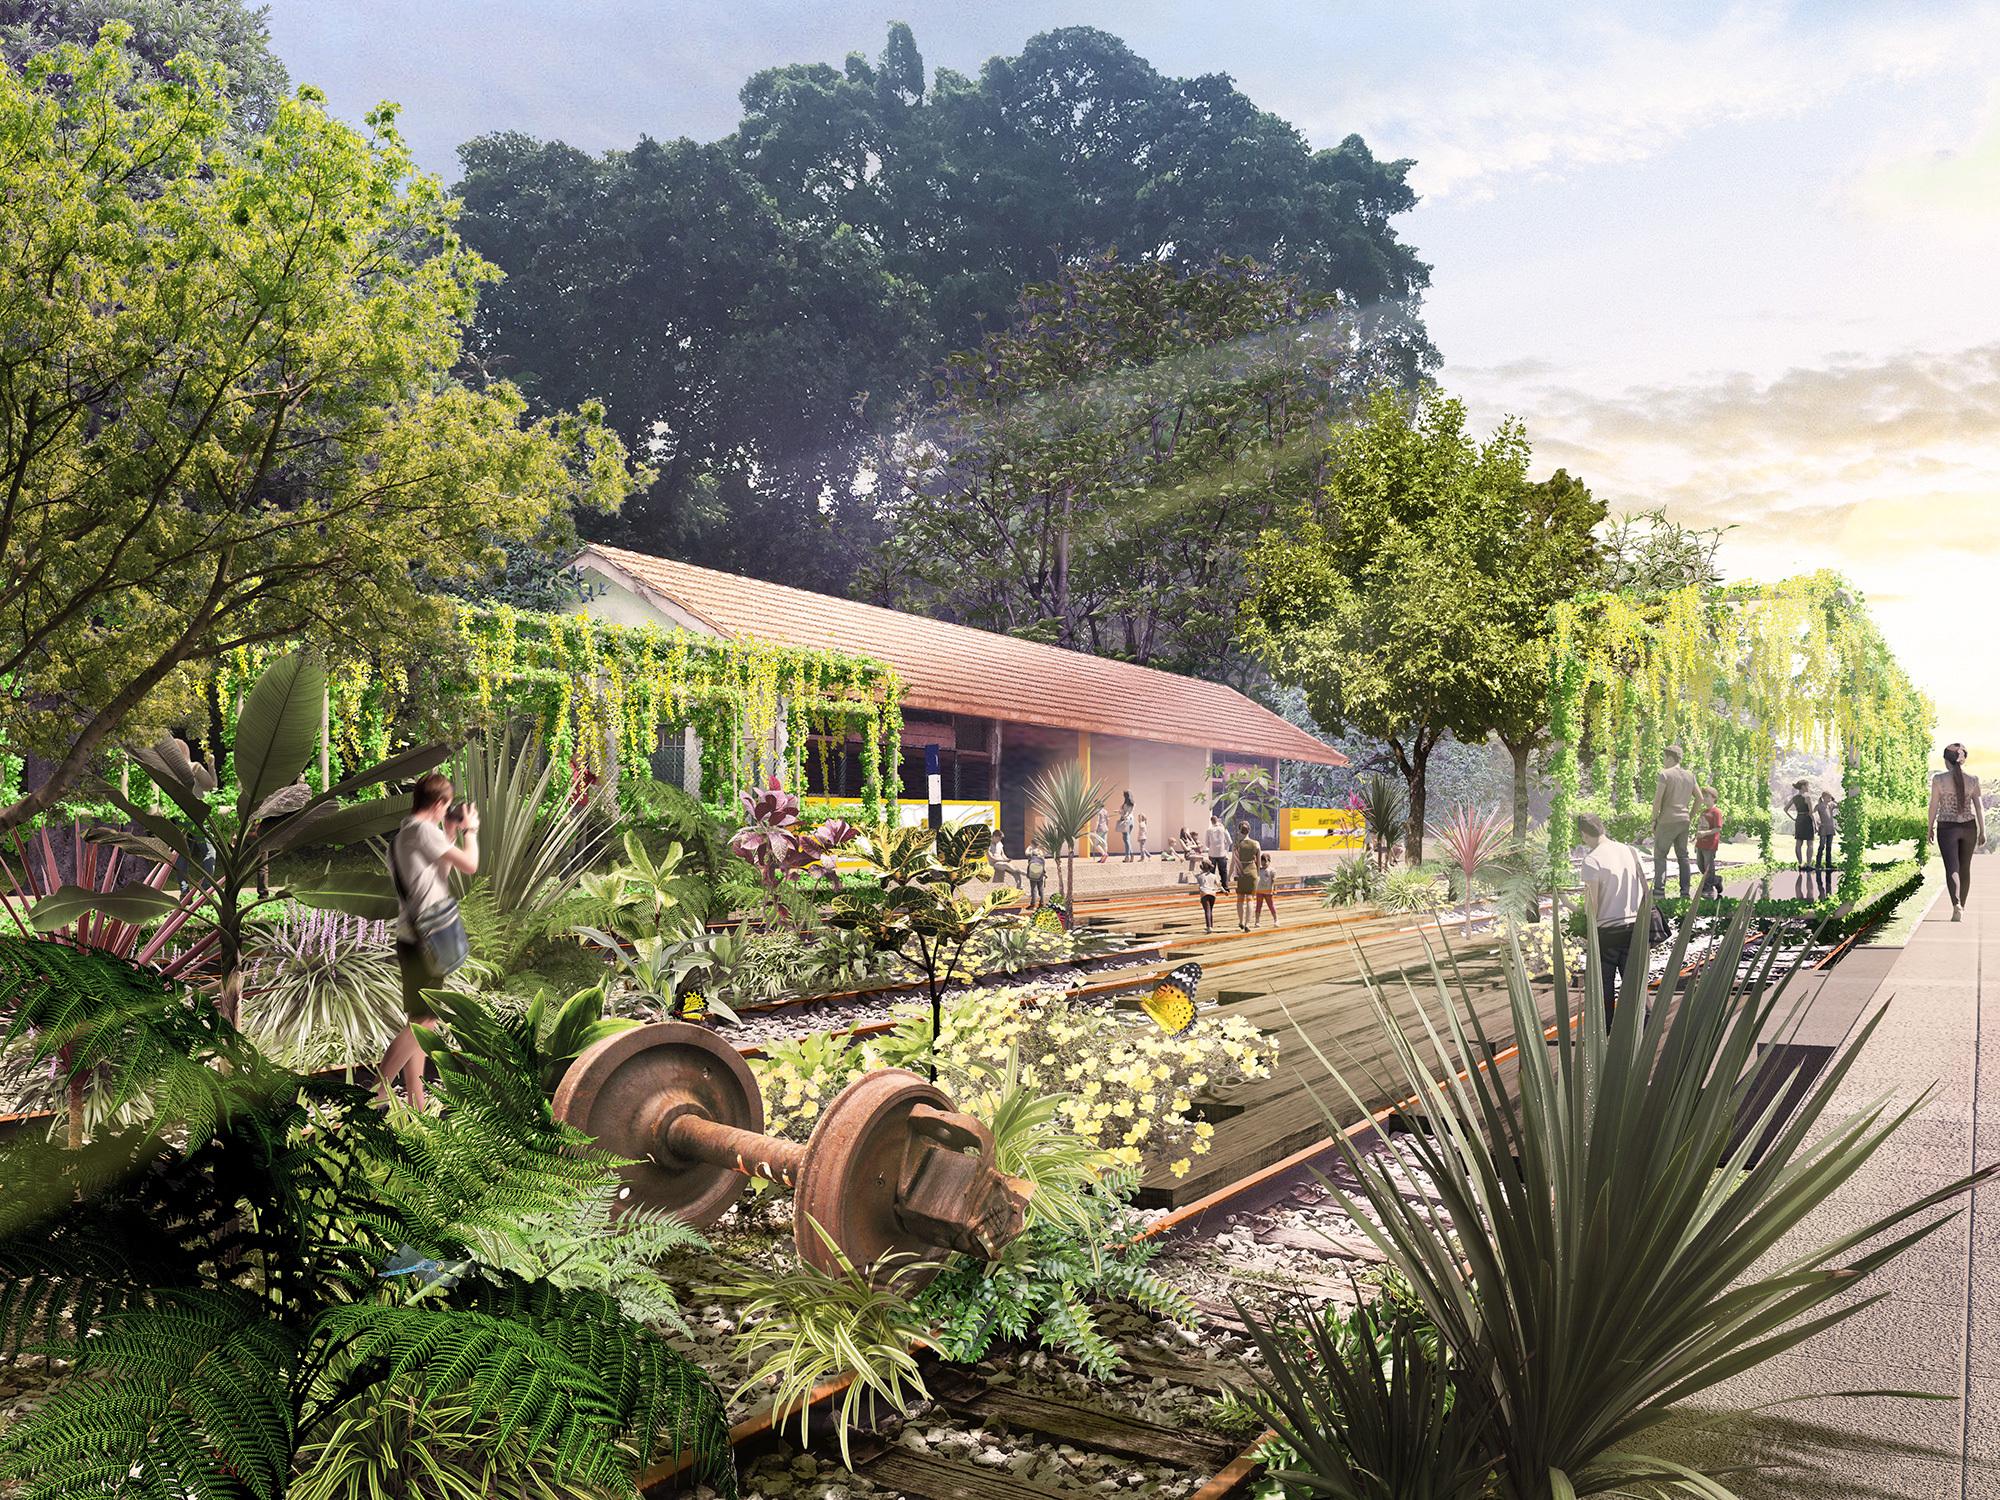 Nikken Sekkei Design Master Plan Revitalize